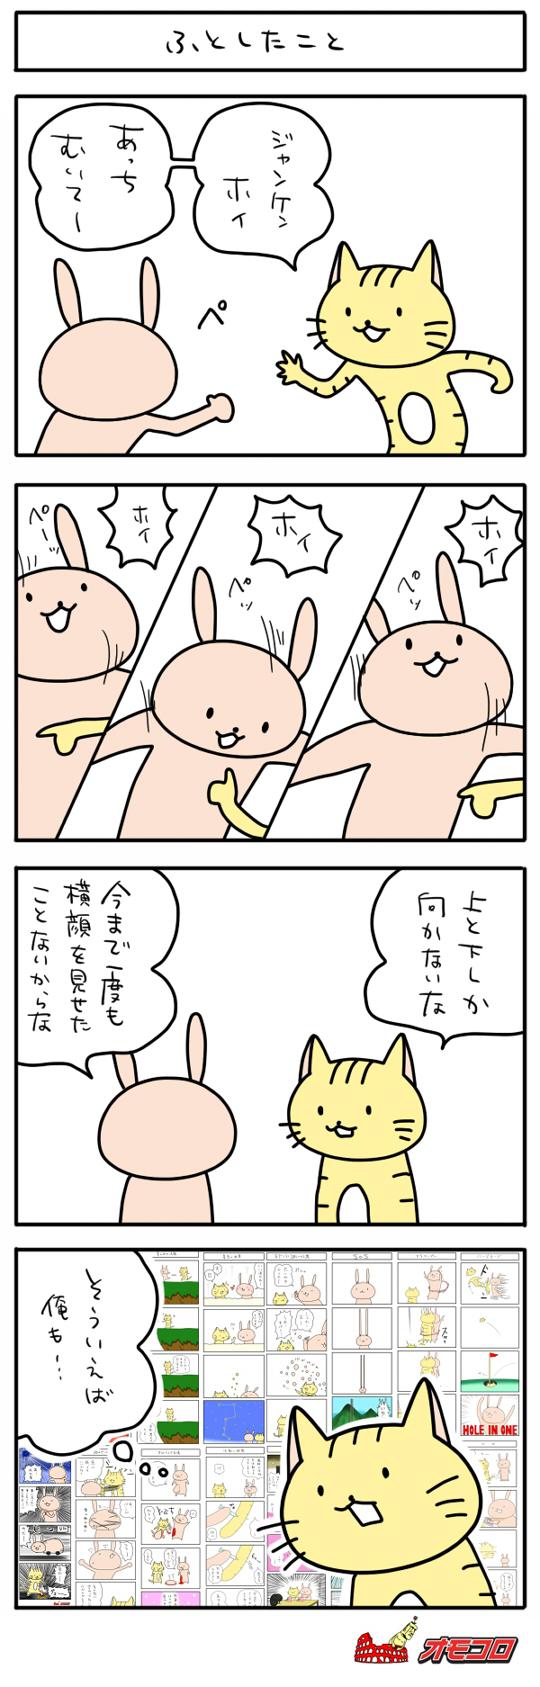 【4コマ漫画】ふとしたこと